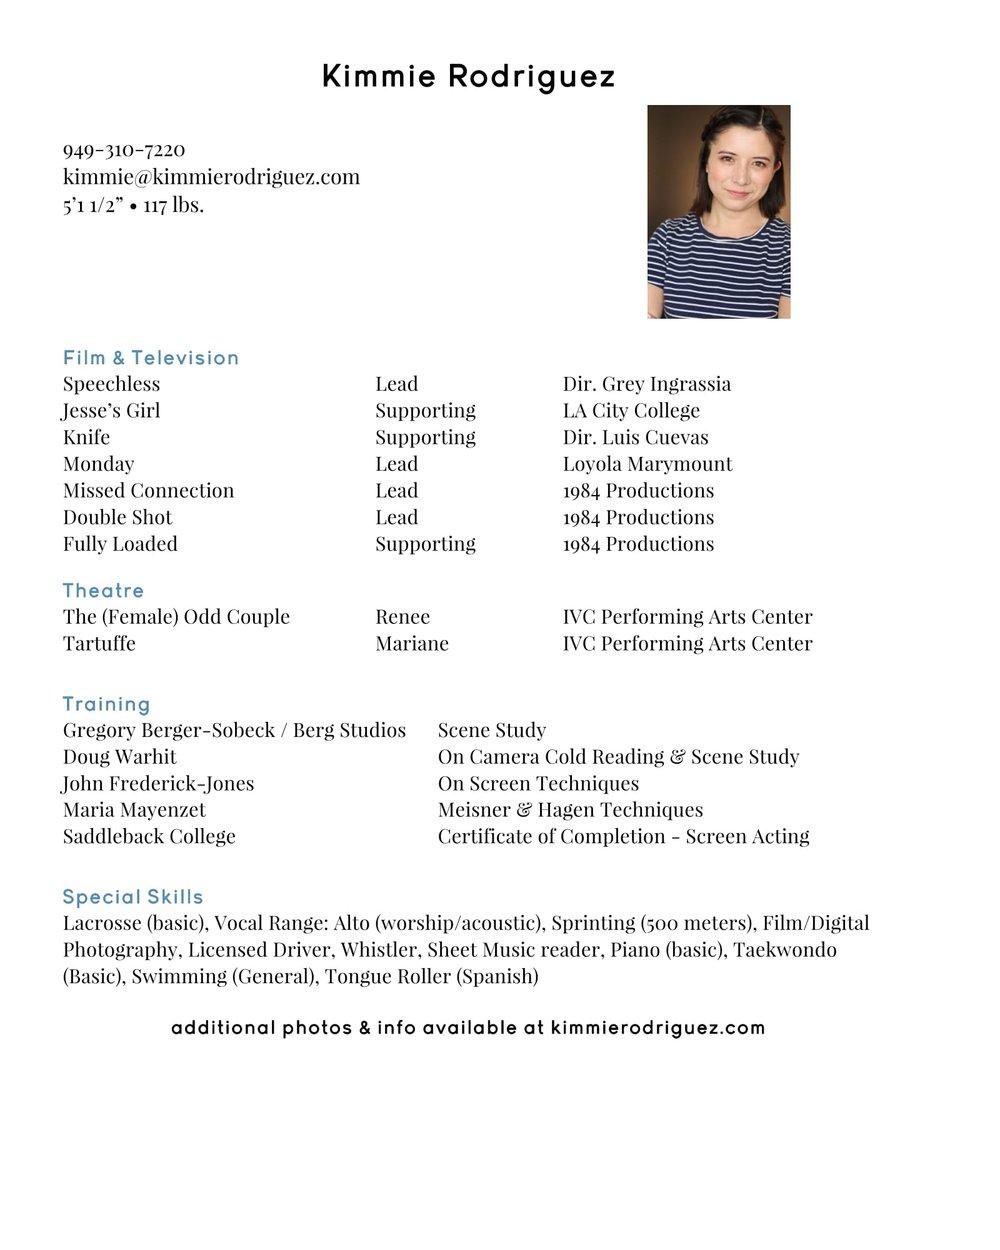 Kimmie Rodriguez_resume.jpg